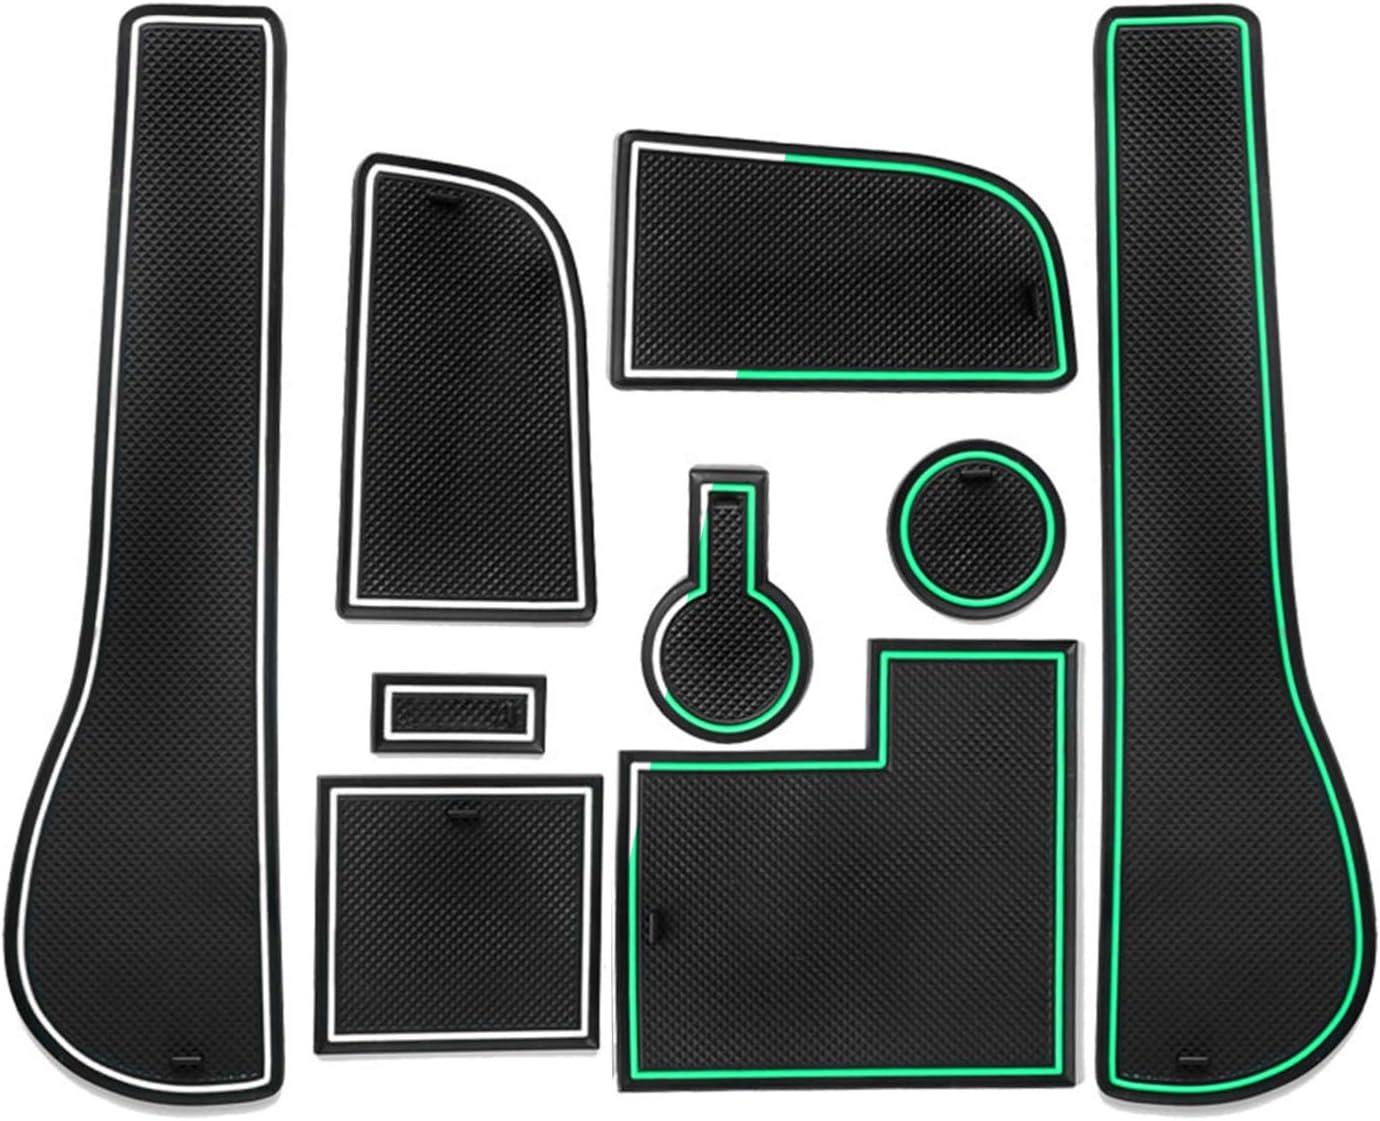 Cdefg Golf 7 R Gtd Gti Gte Auto Mittelkonsole Gummimatten Türschlitz Getränkehalter Rutschfest Anti Staub Becherhalter Gummi Matte Armlehne Aufbewahrung Antirutschmatte Innenraum Zubehör Weiß Auto